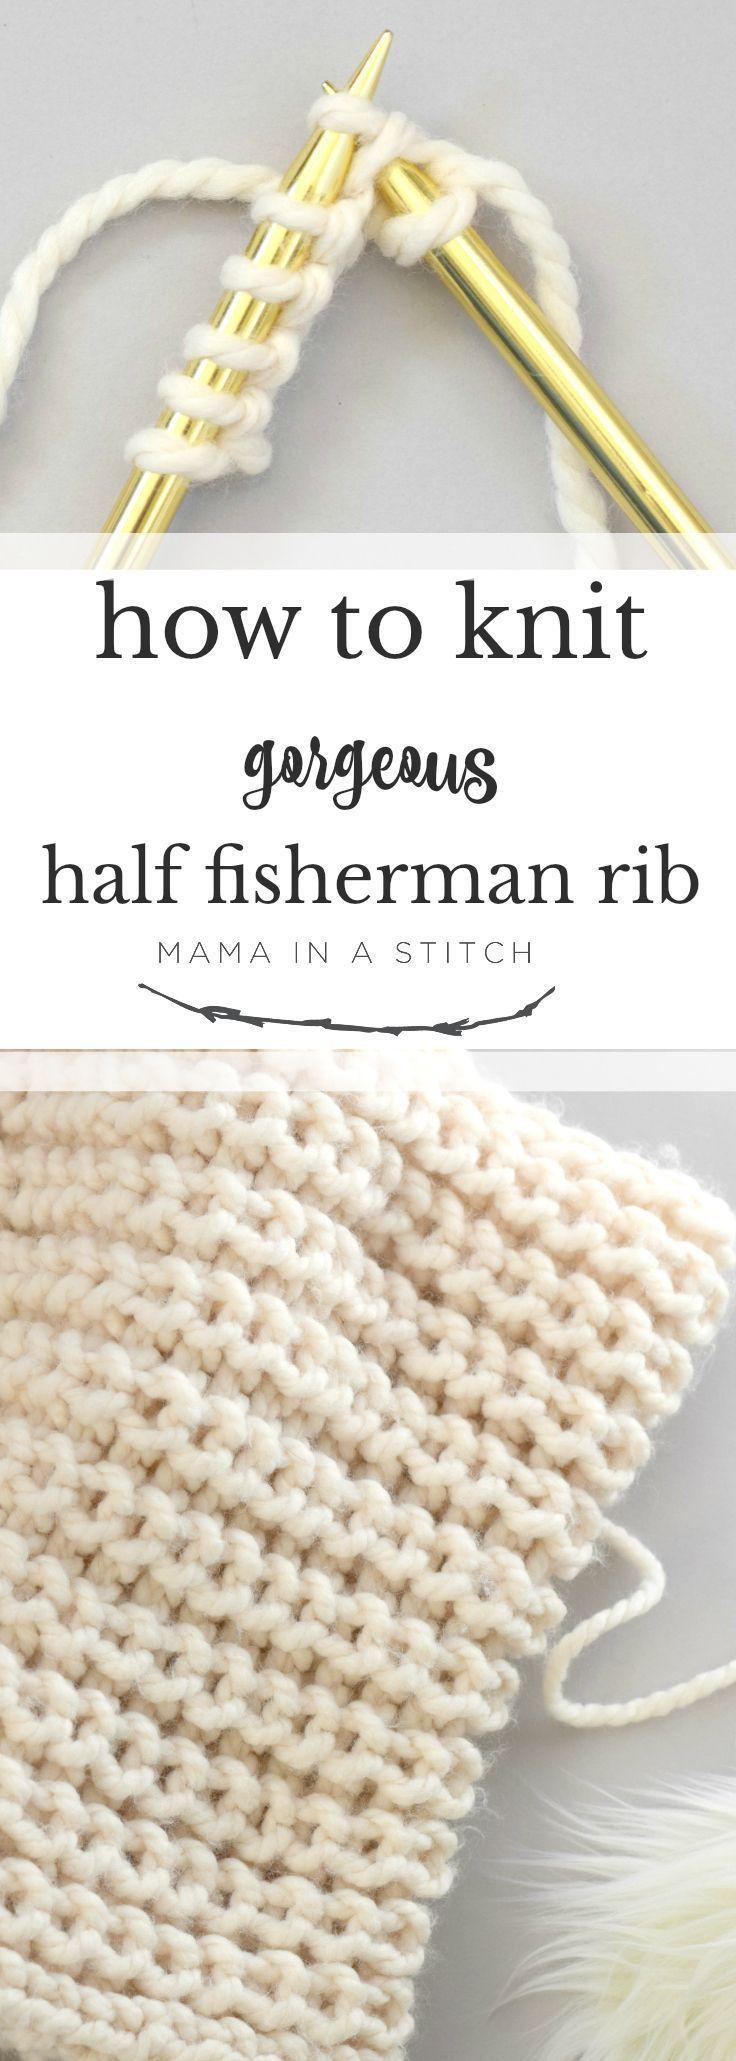 How to Knit Half Fisherman Rib Stitch via Mama In A Stitch Knit and Crochet Patt…